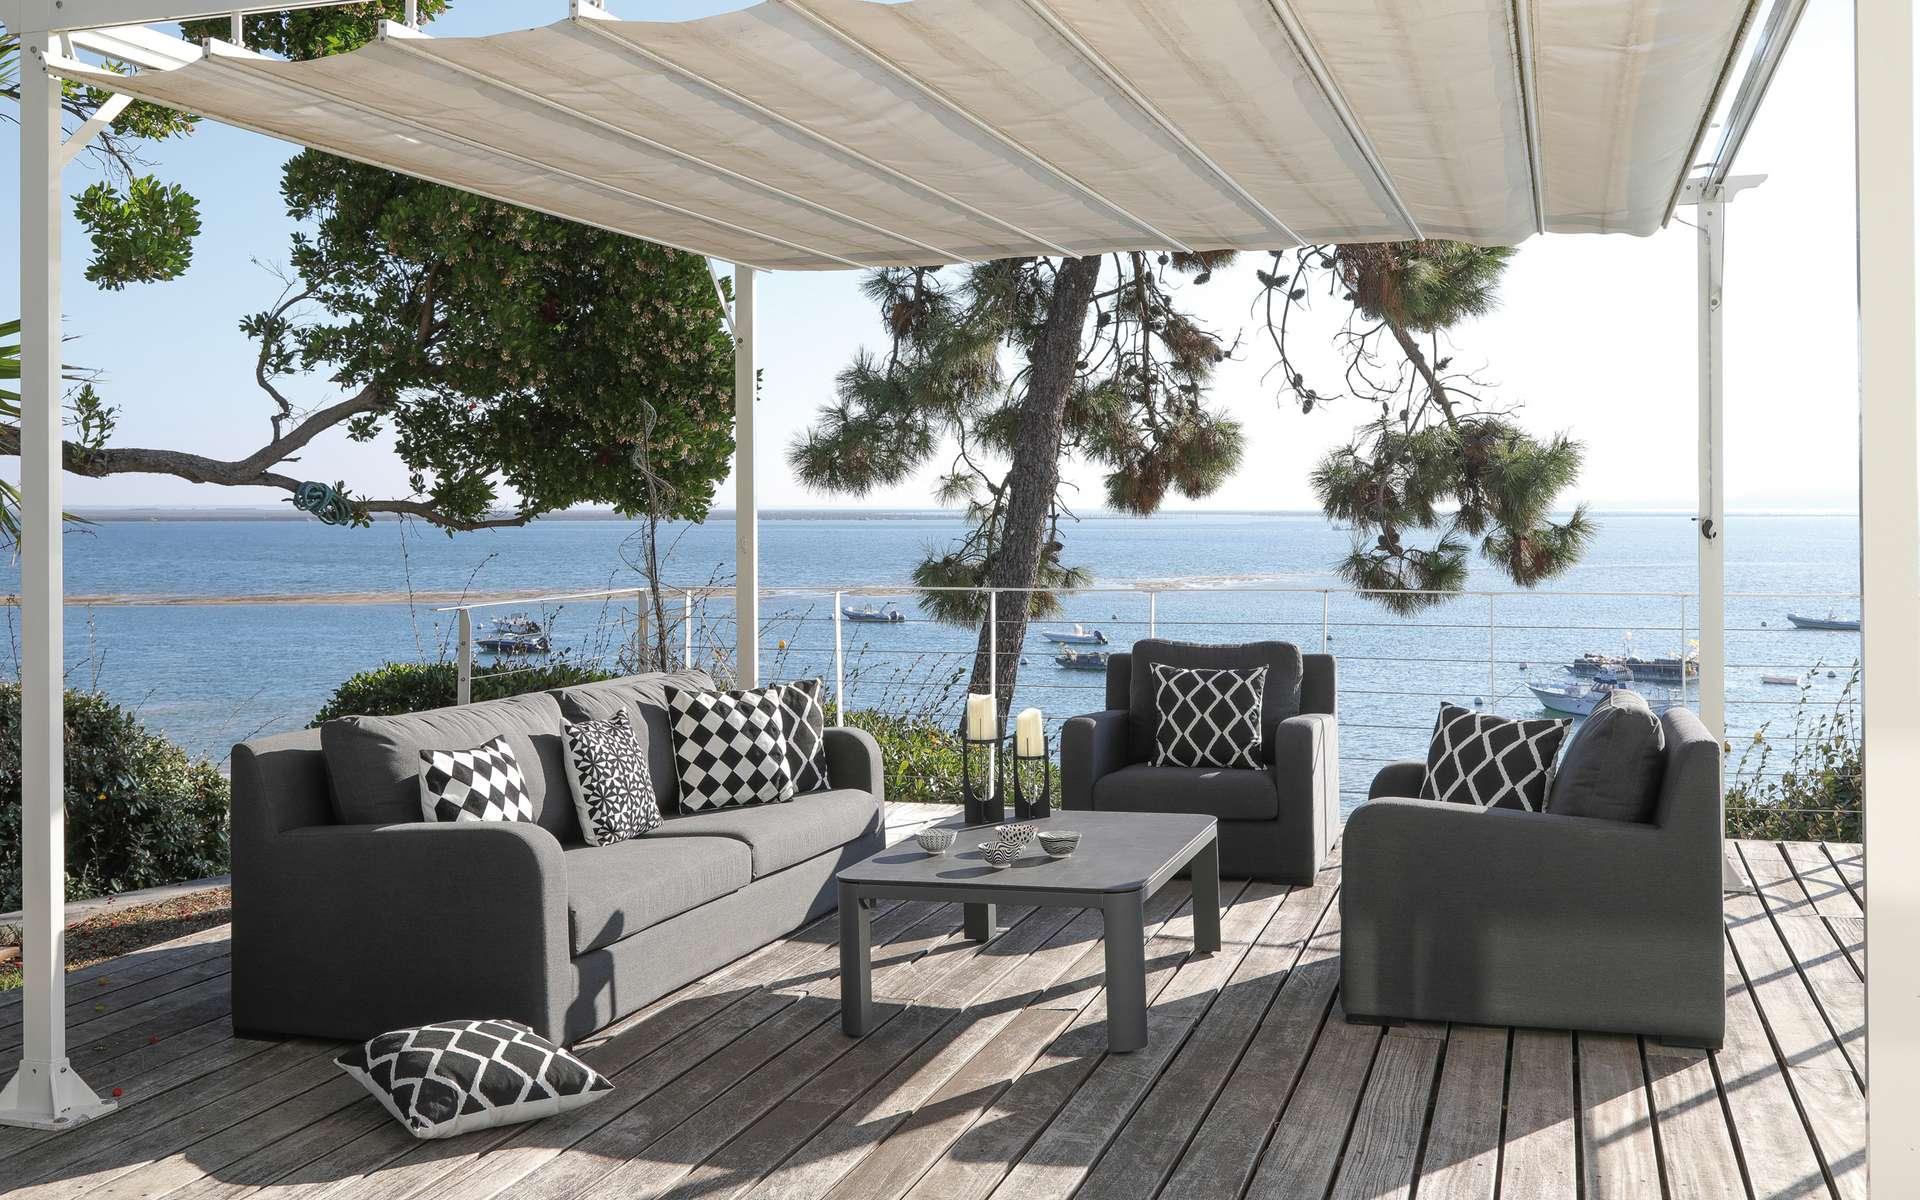 Ombragé par une tonnelle, un salon de jardin bas permet de transformer une partie de la terrasse en véritable salon extérieur. Convivialité garantie. © Proloisirs